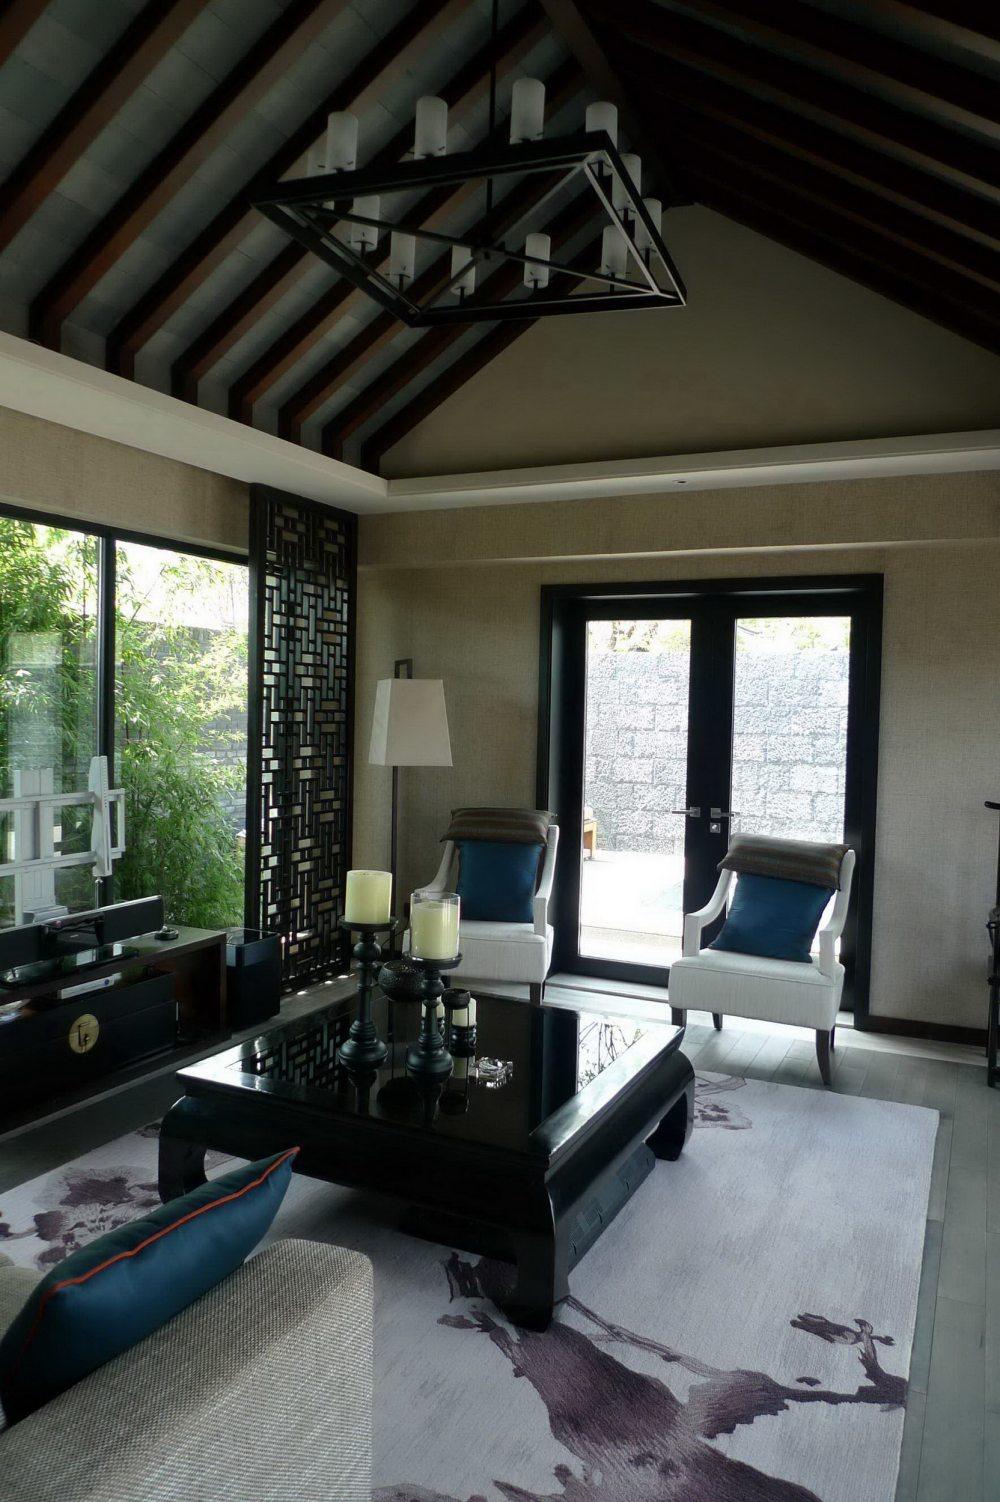 云南丽江铂尔曼渡假酒店(Lijiang Pullman Hotel)(CCD)(第8页更新)_P1010563.jpg